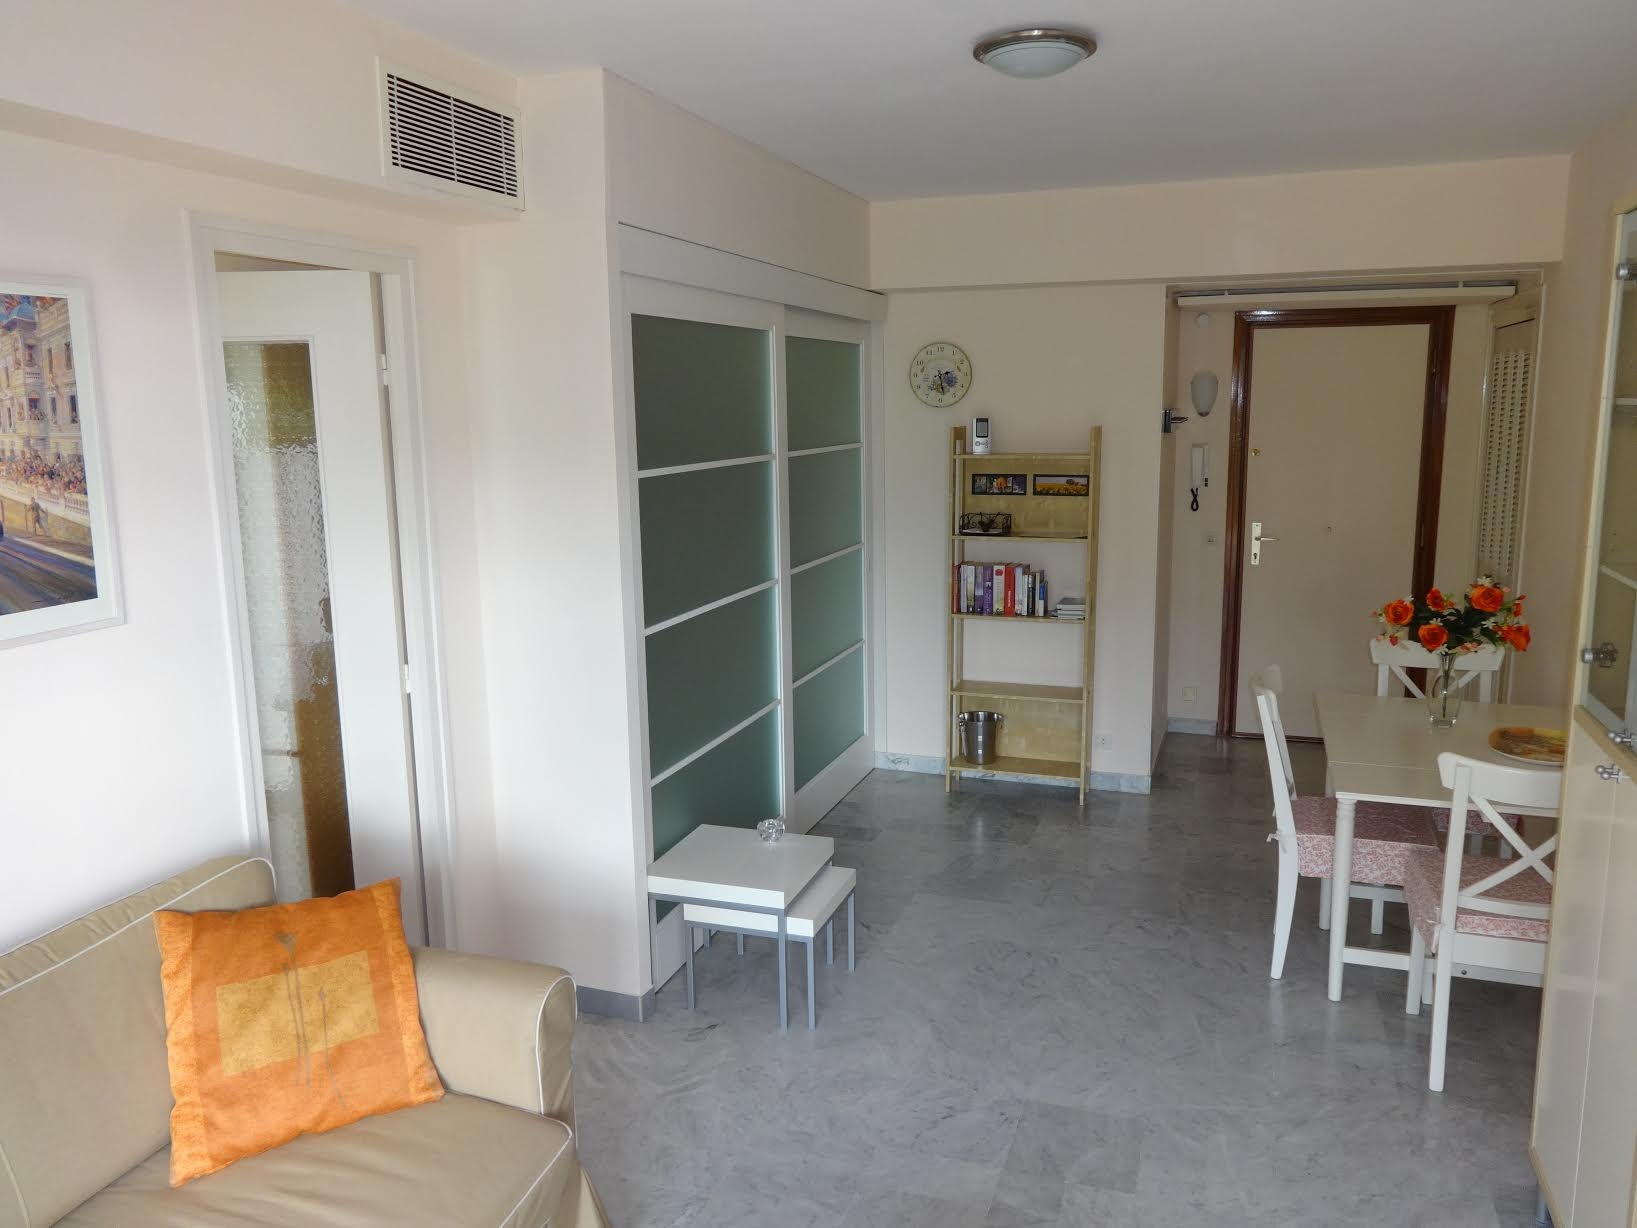 De entree van het appartement vakantie aan de franse zuidkust - Deco van het appartement ...